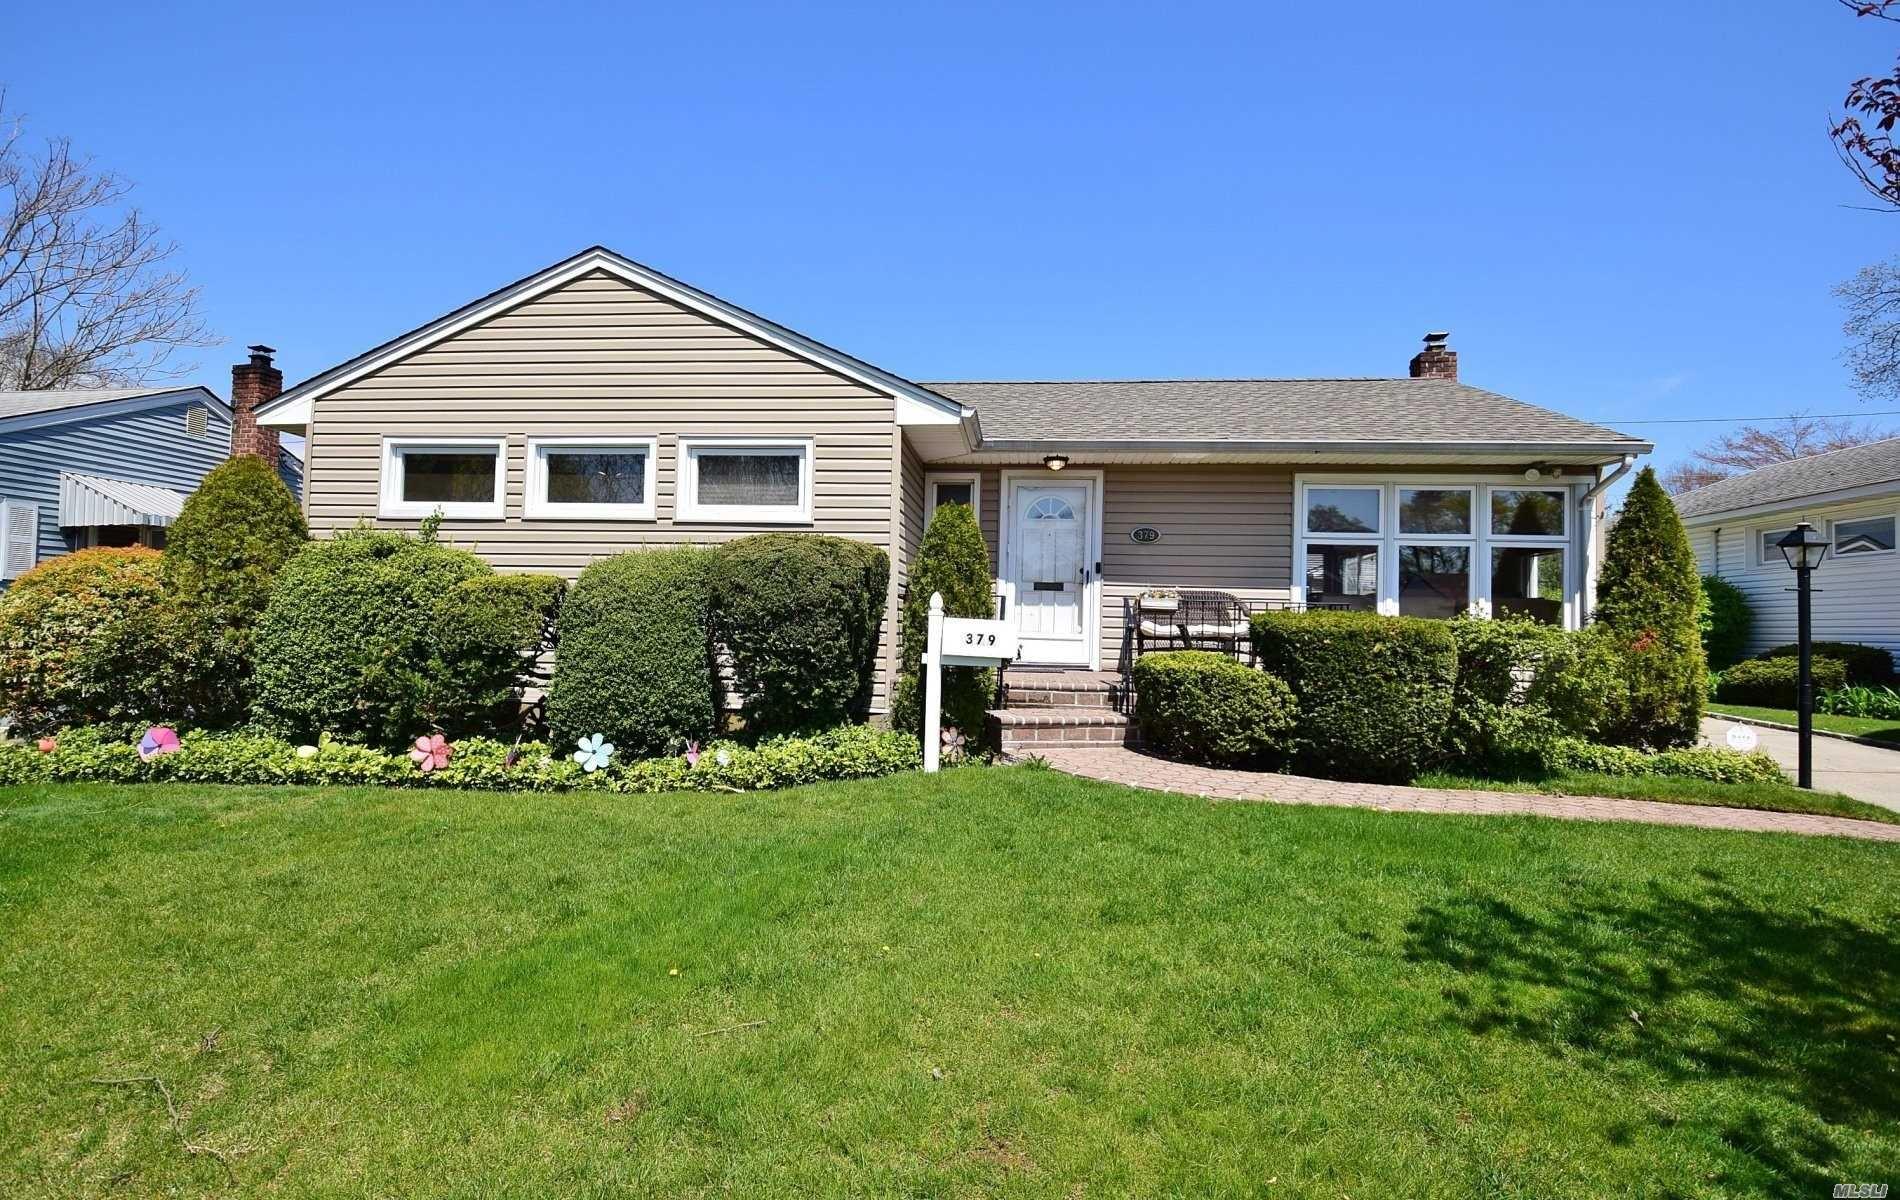 379 Spruce Lane, East Meadow, NY 11554 - MLS#: 3212511